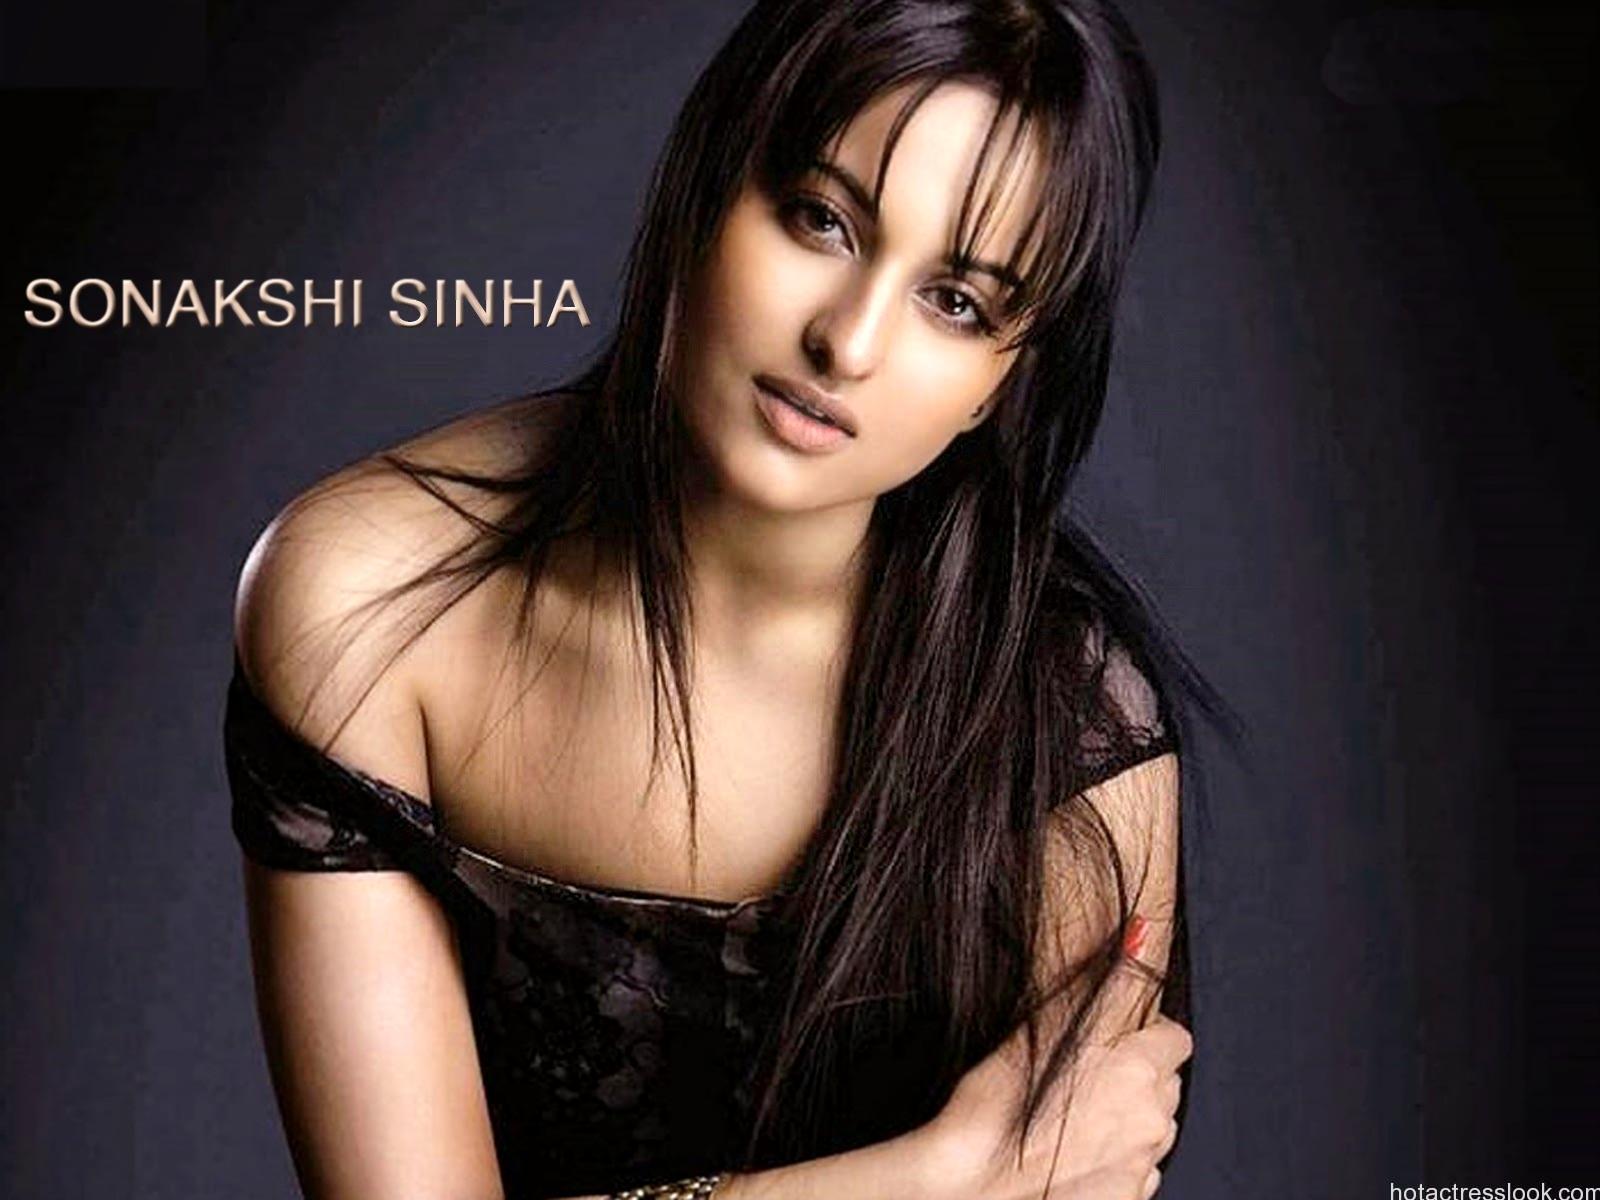 R Rajkumar Hd Wallpaper Sonakshi Sinha Hot And Sexy Unseen Photos